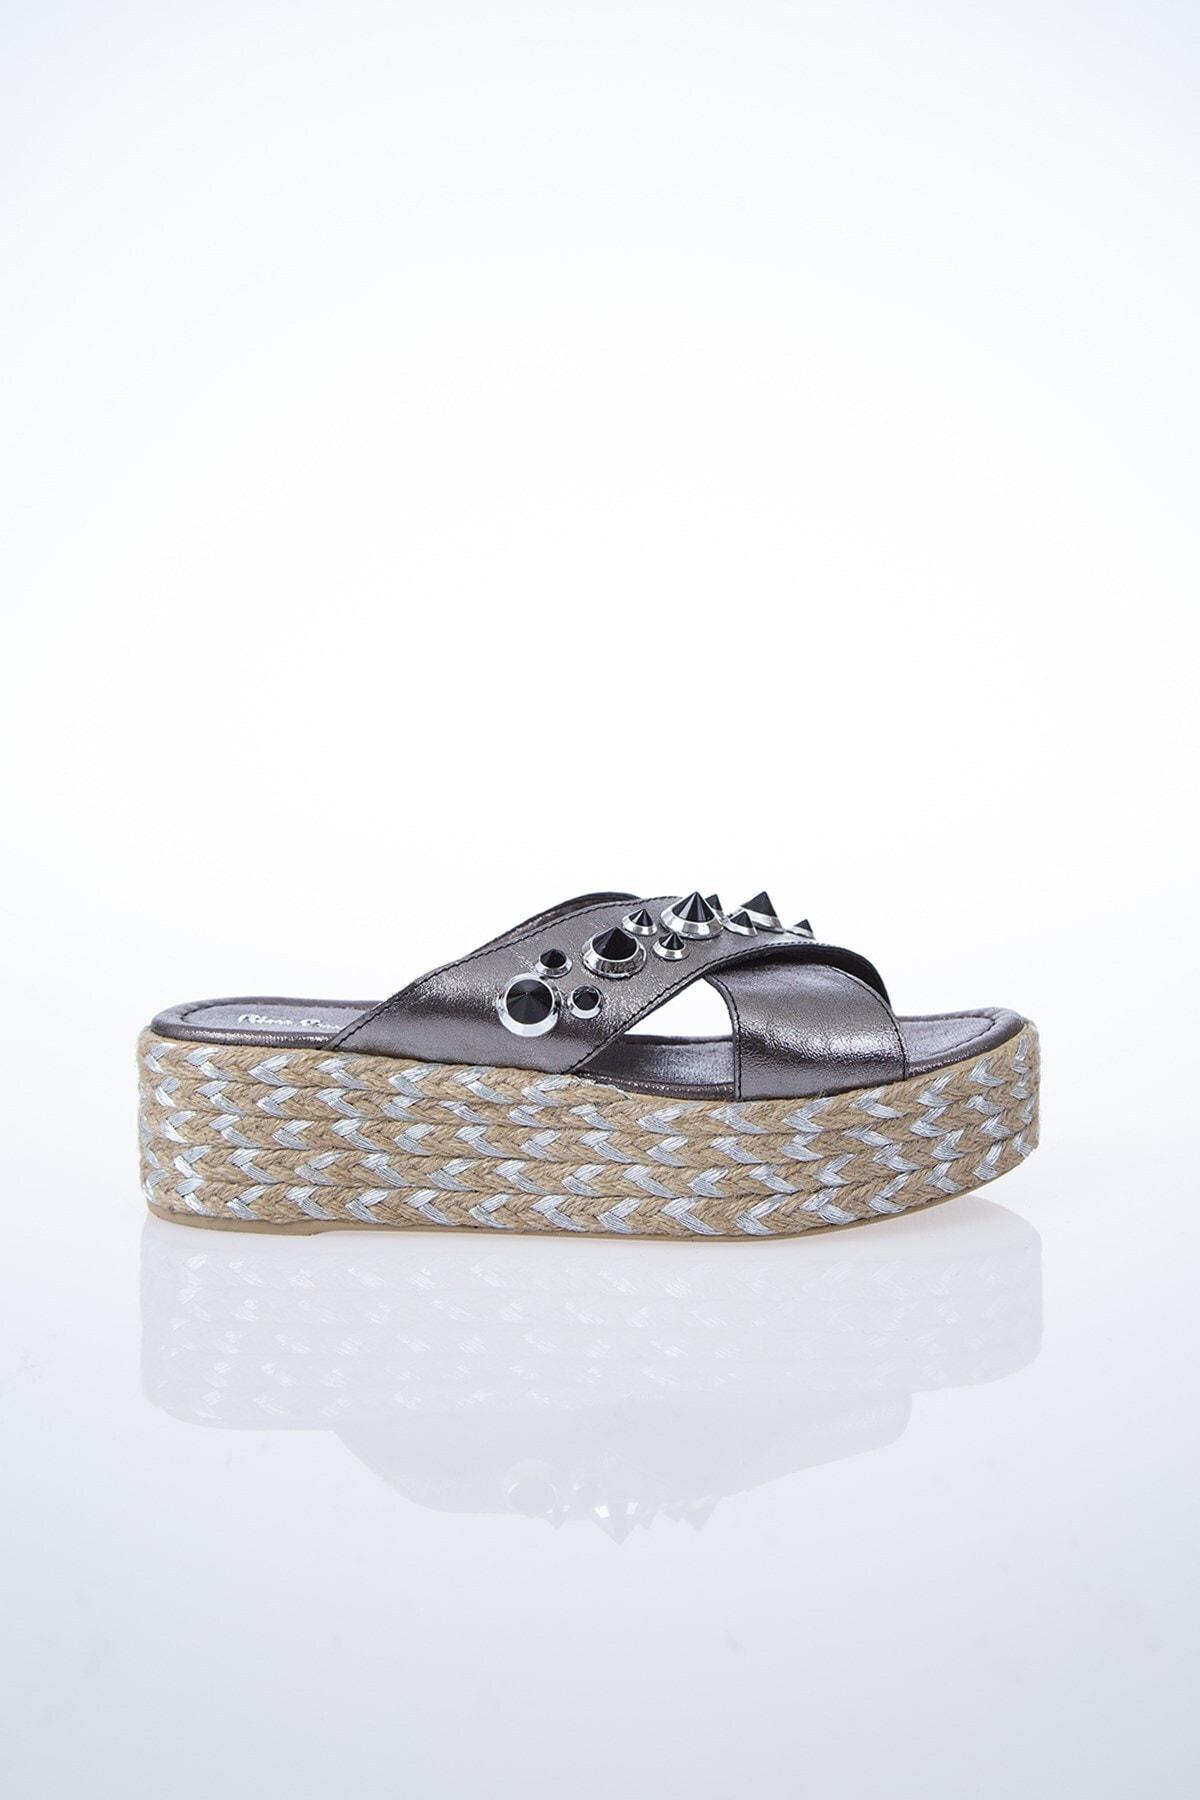 Pierre Cardin Kadın Gümüş TerlikPc-6132 - 2163-591-platin 1